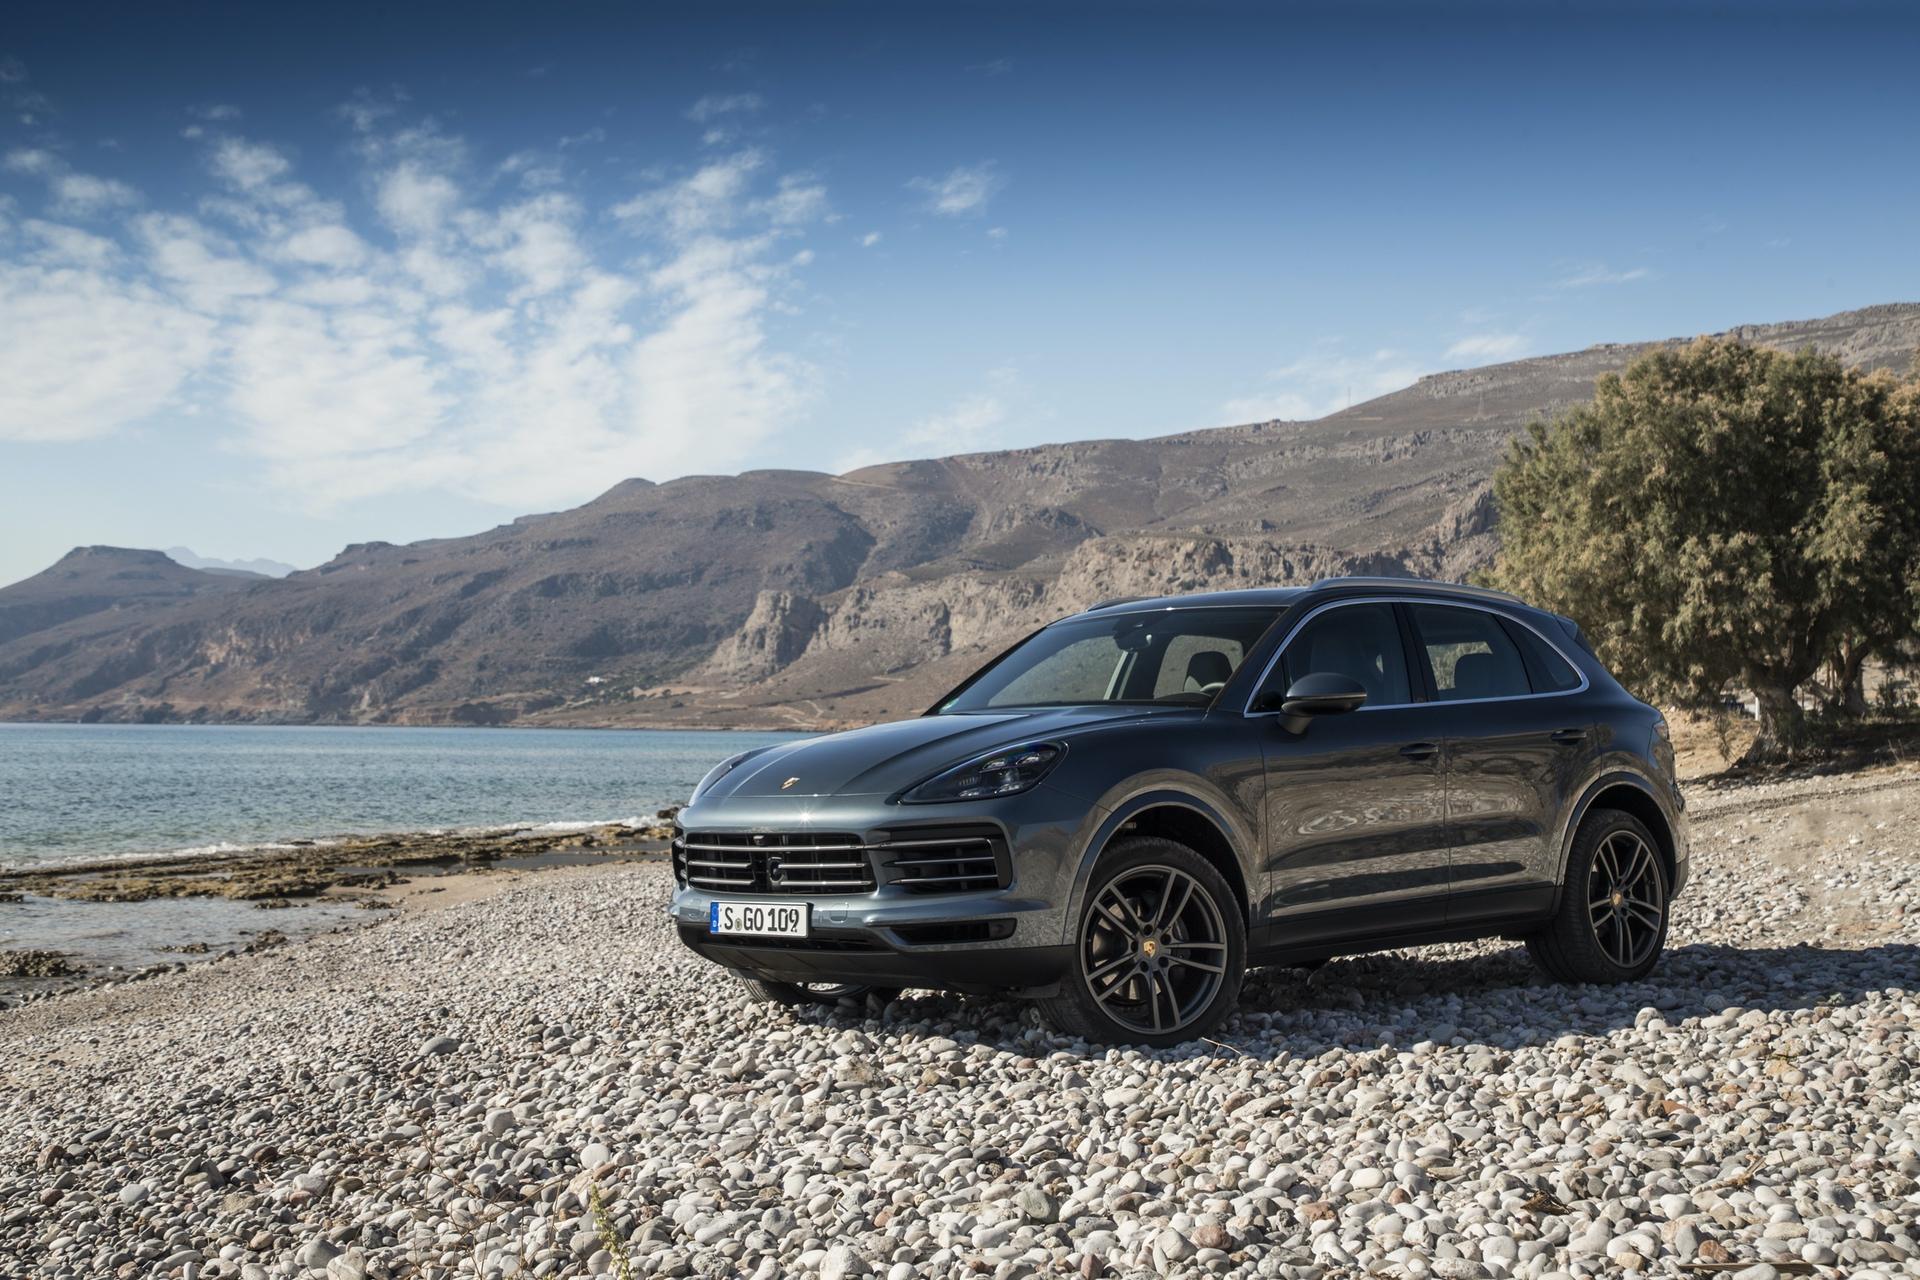 Test_Drive_Porsche_Cayenne_285